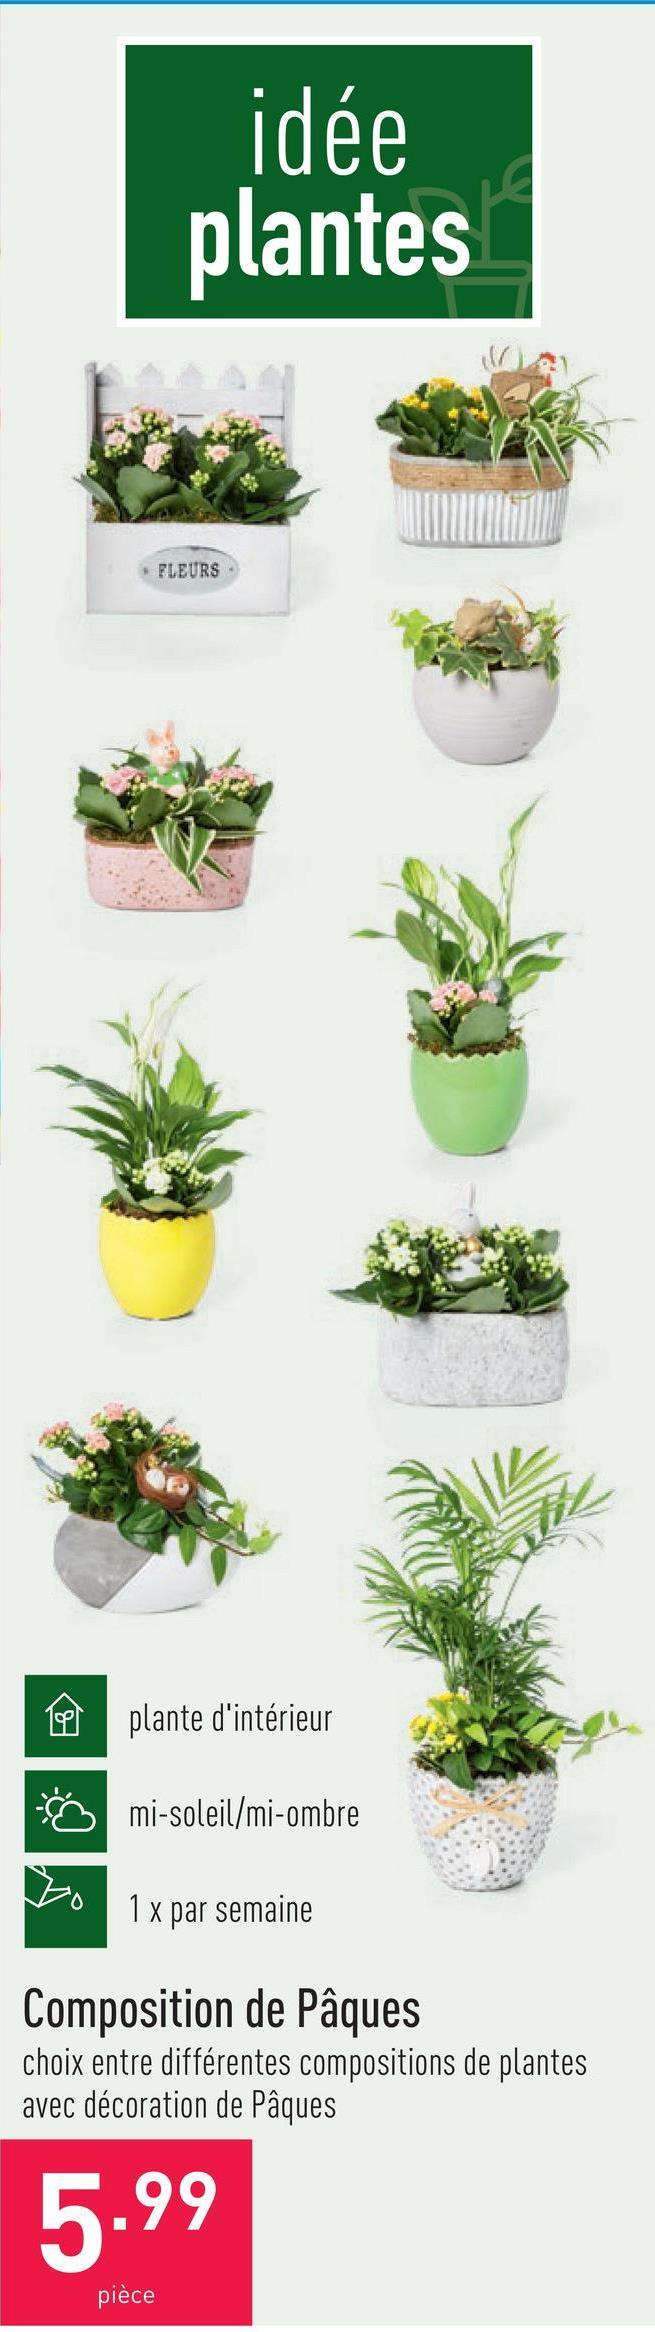 Composition de Pâques choix entre différentes compositions de plantes avec décoration de Pâques, plante d'intérieur, mi-soleil/mi-ombre, arroser 1 x par semaine